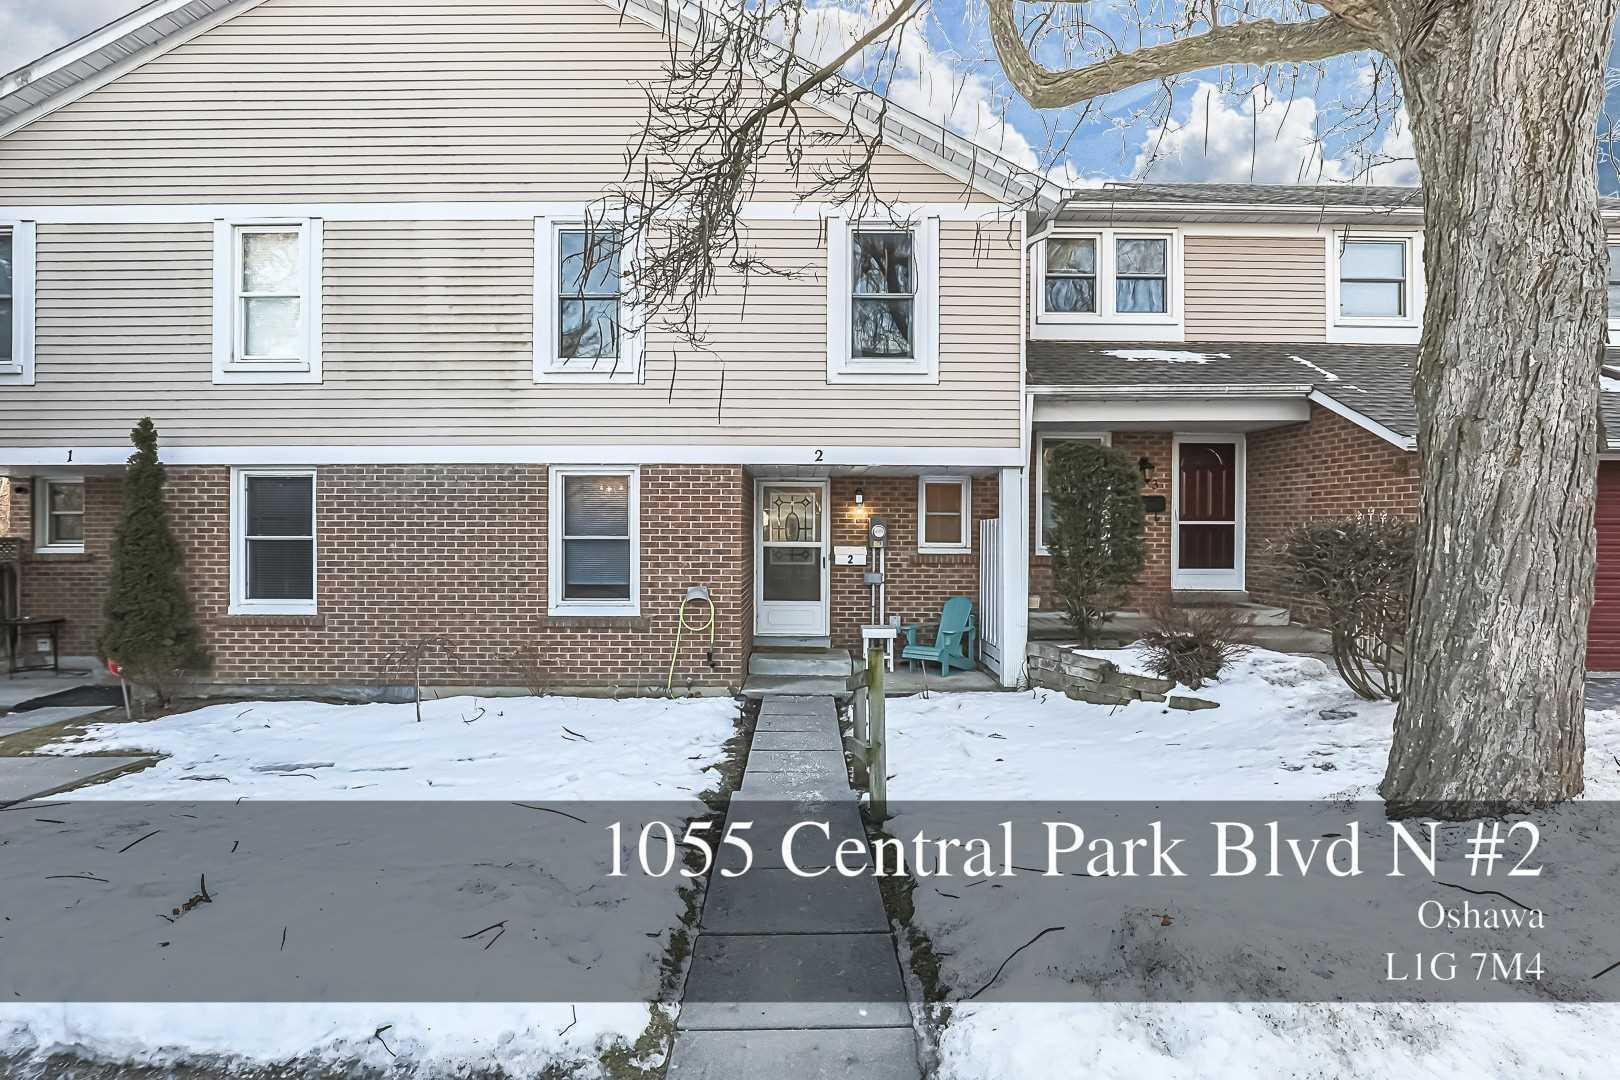 1055 Central Park Unit #2 Blvd, Oshawa